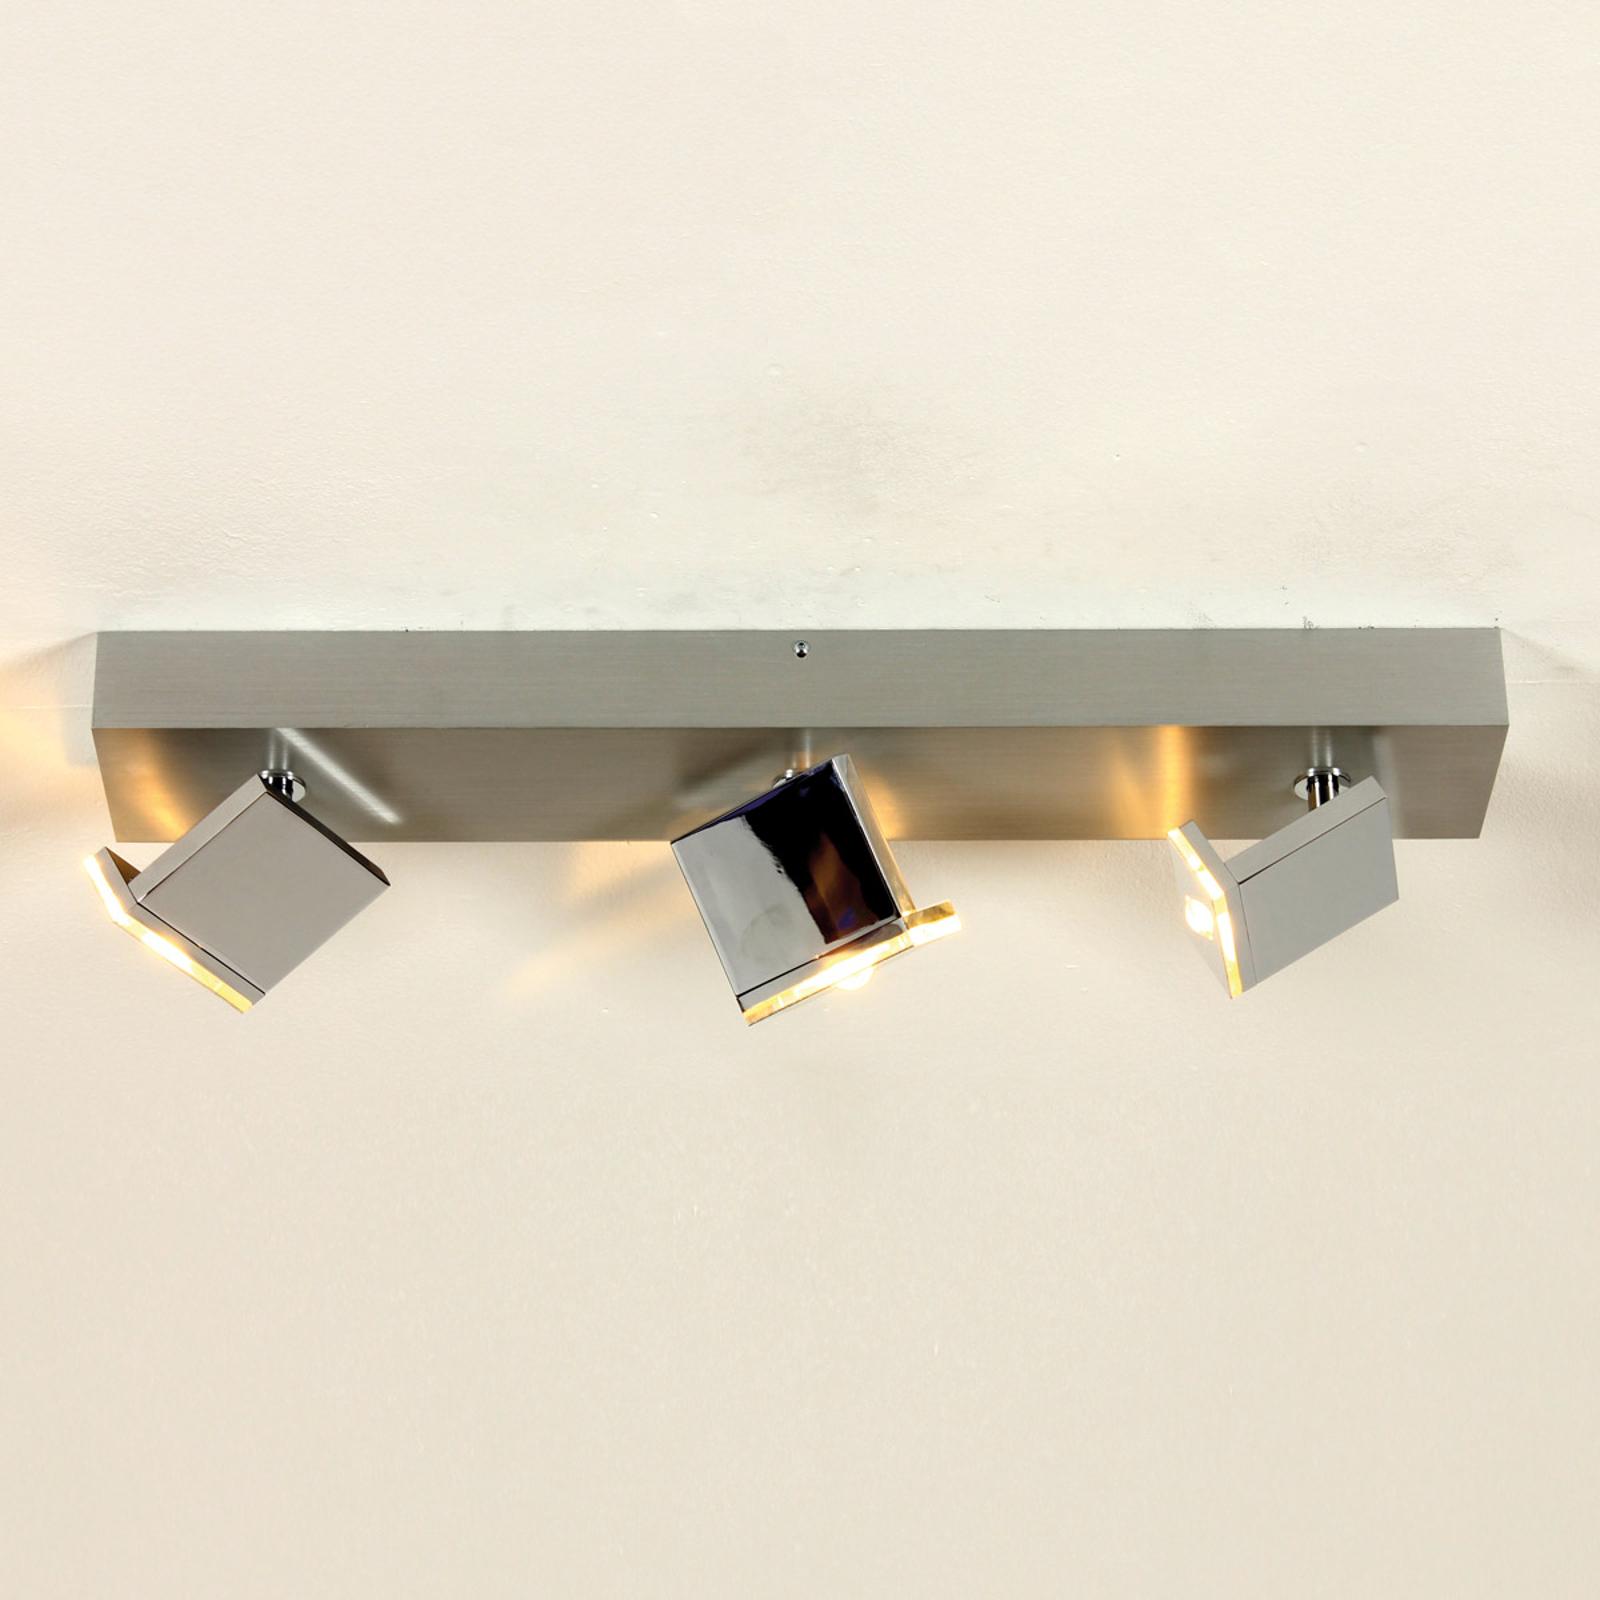 LED-taklampa Elle med tre ljuskällor, dimbar